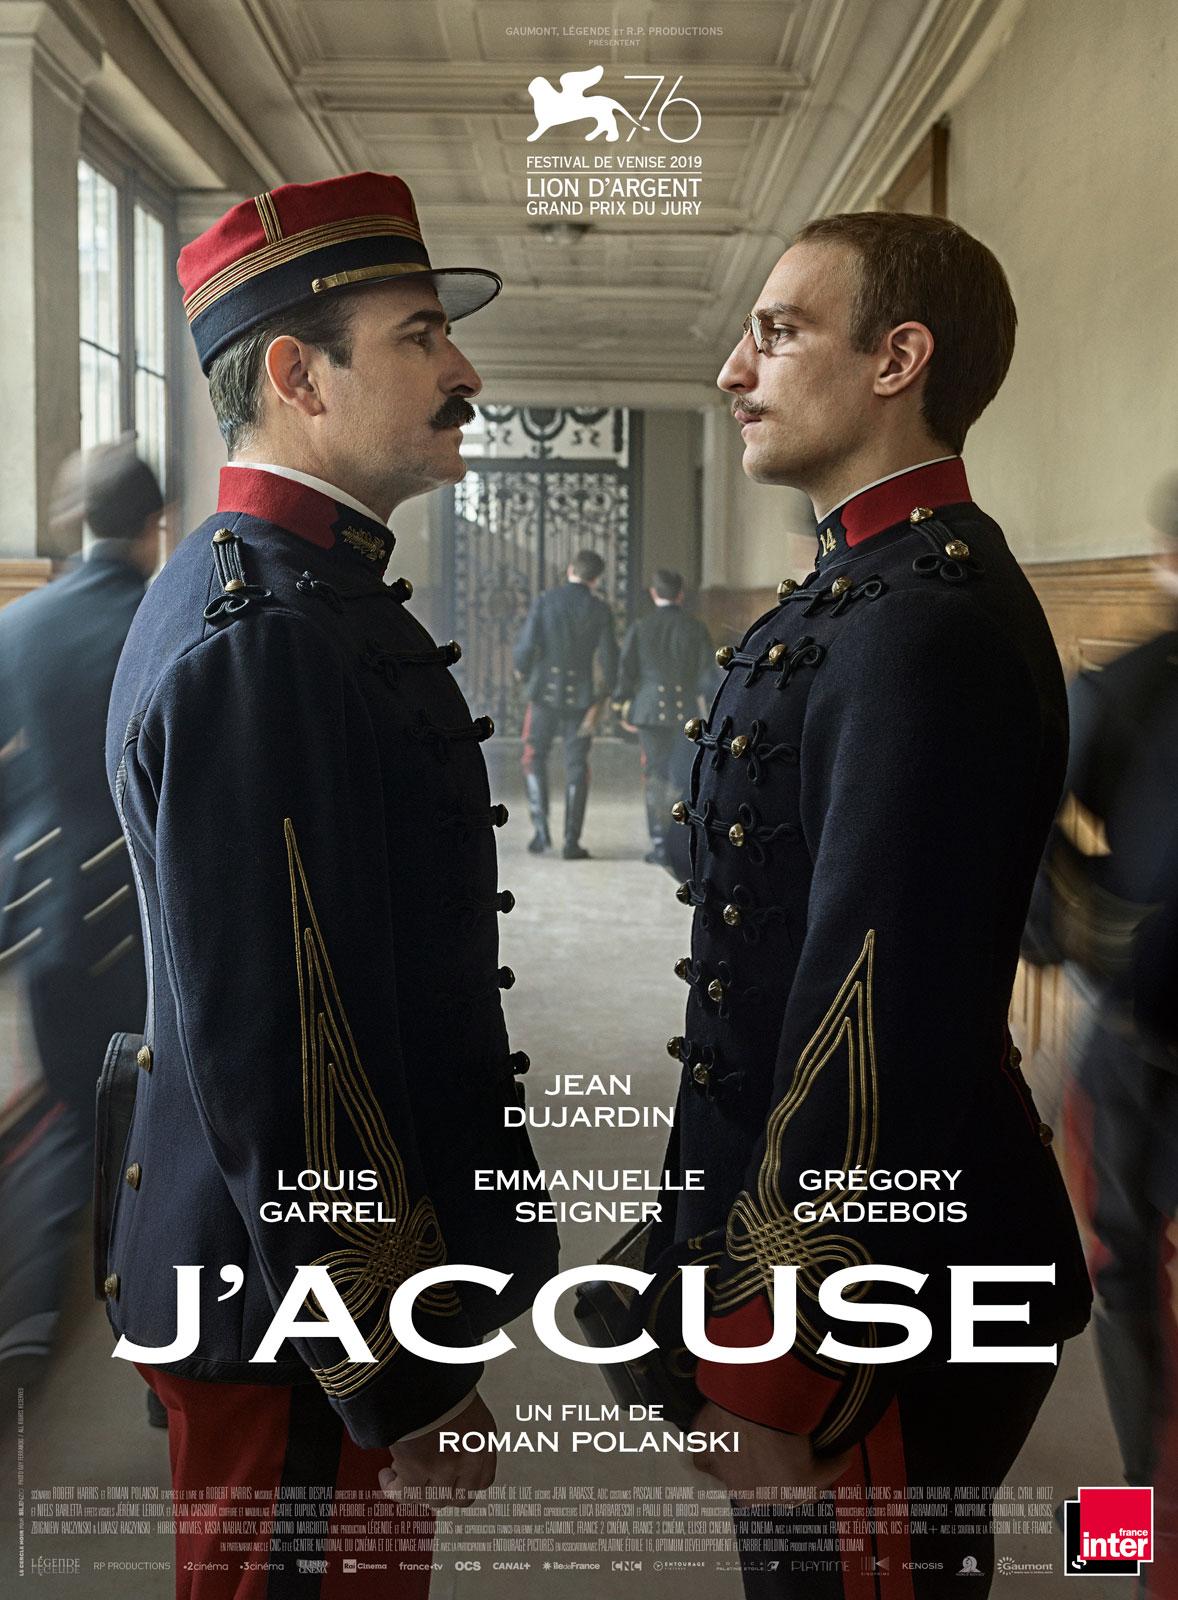 J'accuse movie poster